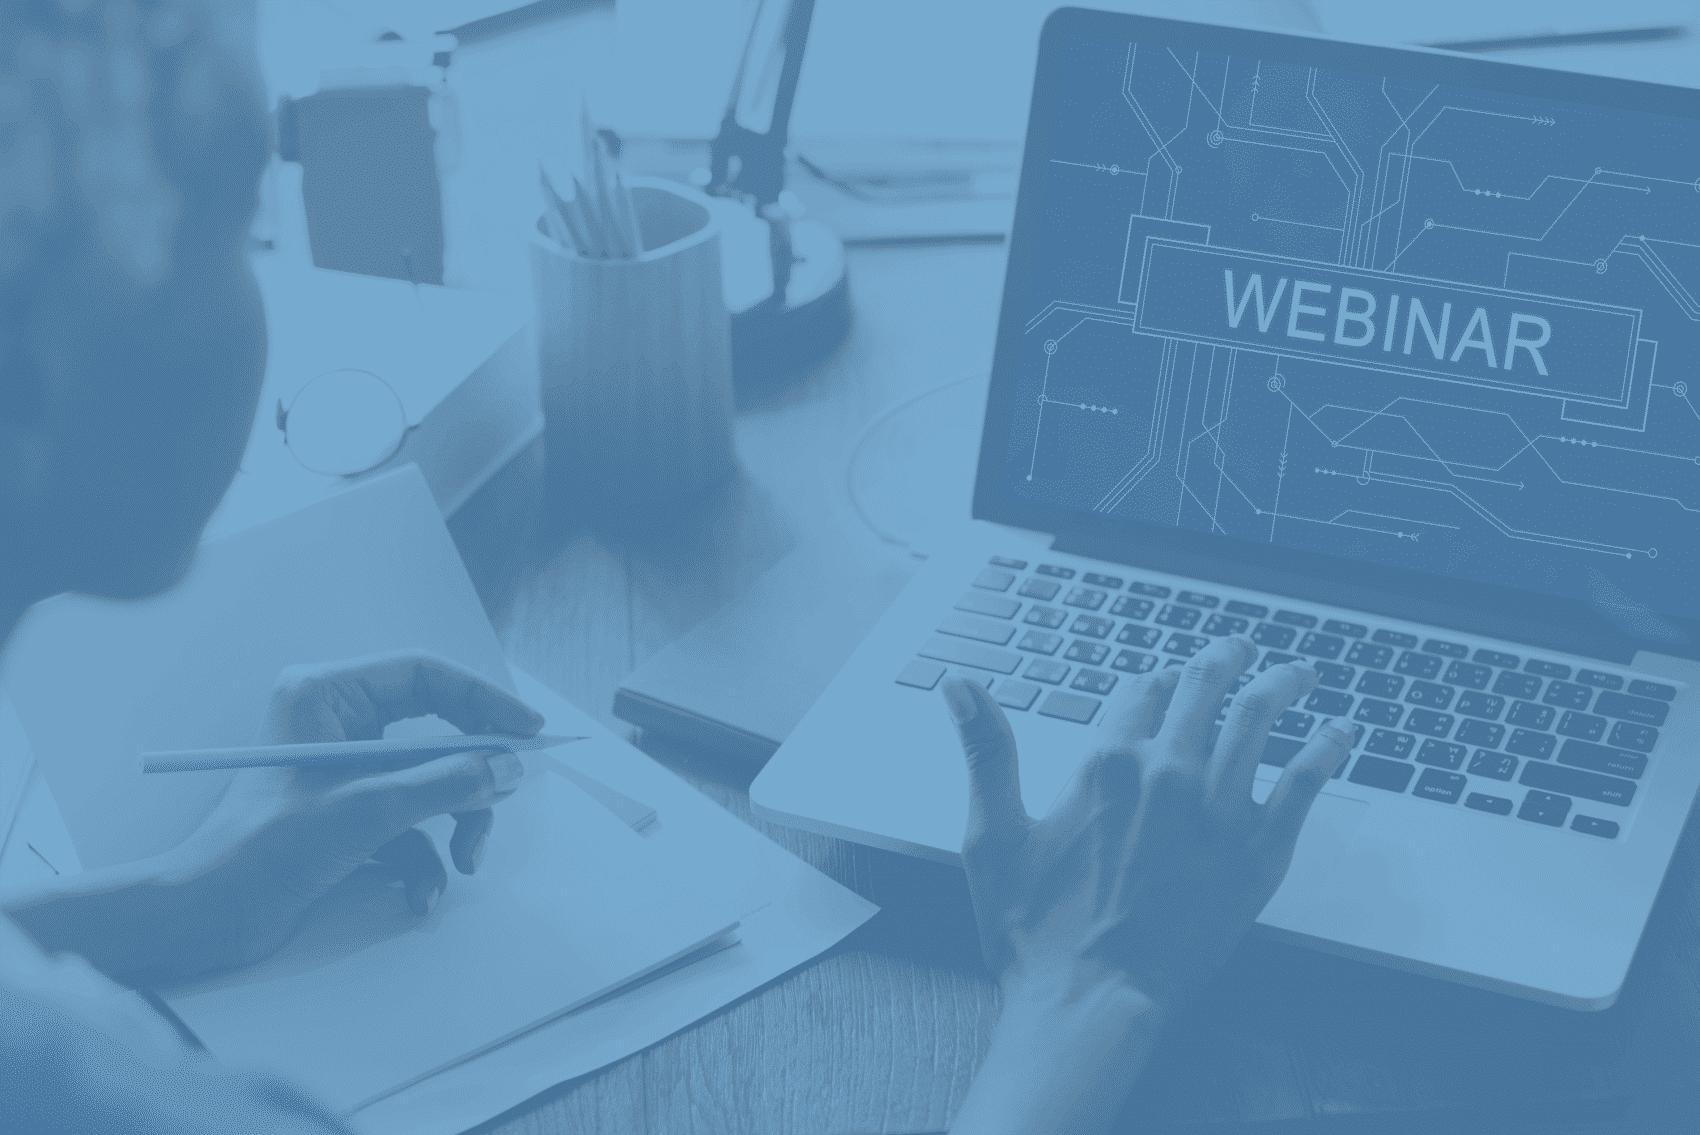 Comment générer des leads B2B grâce aux webinars?